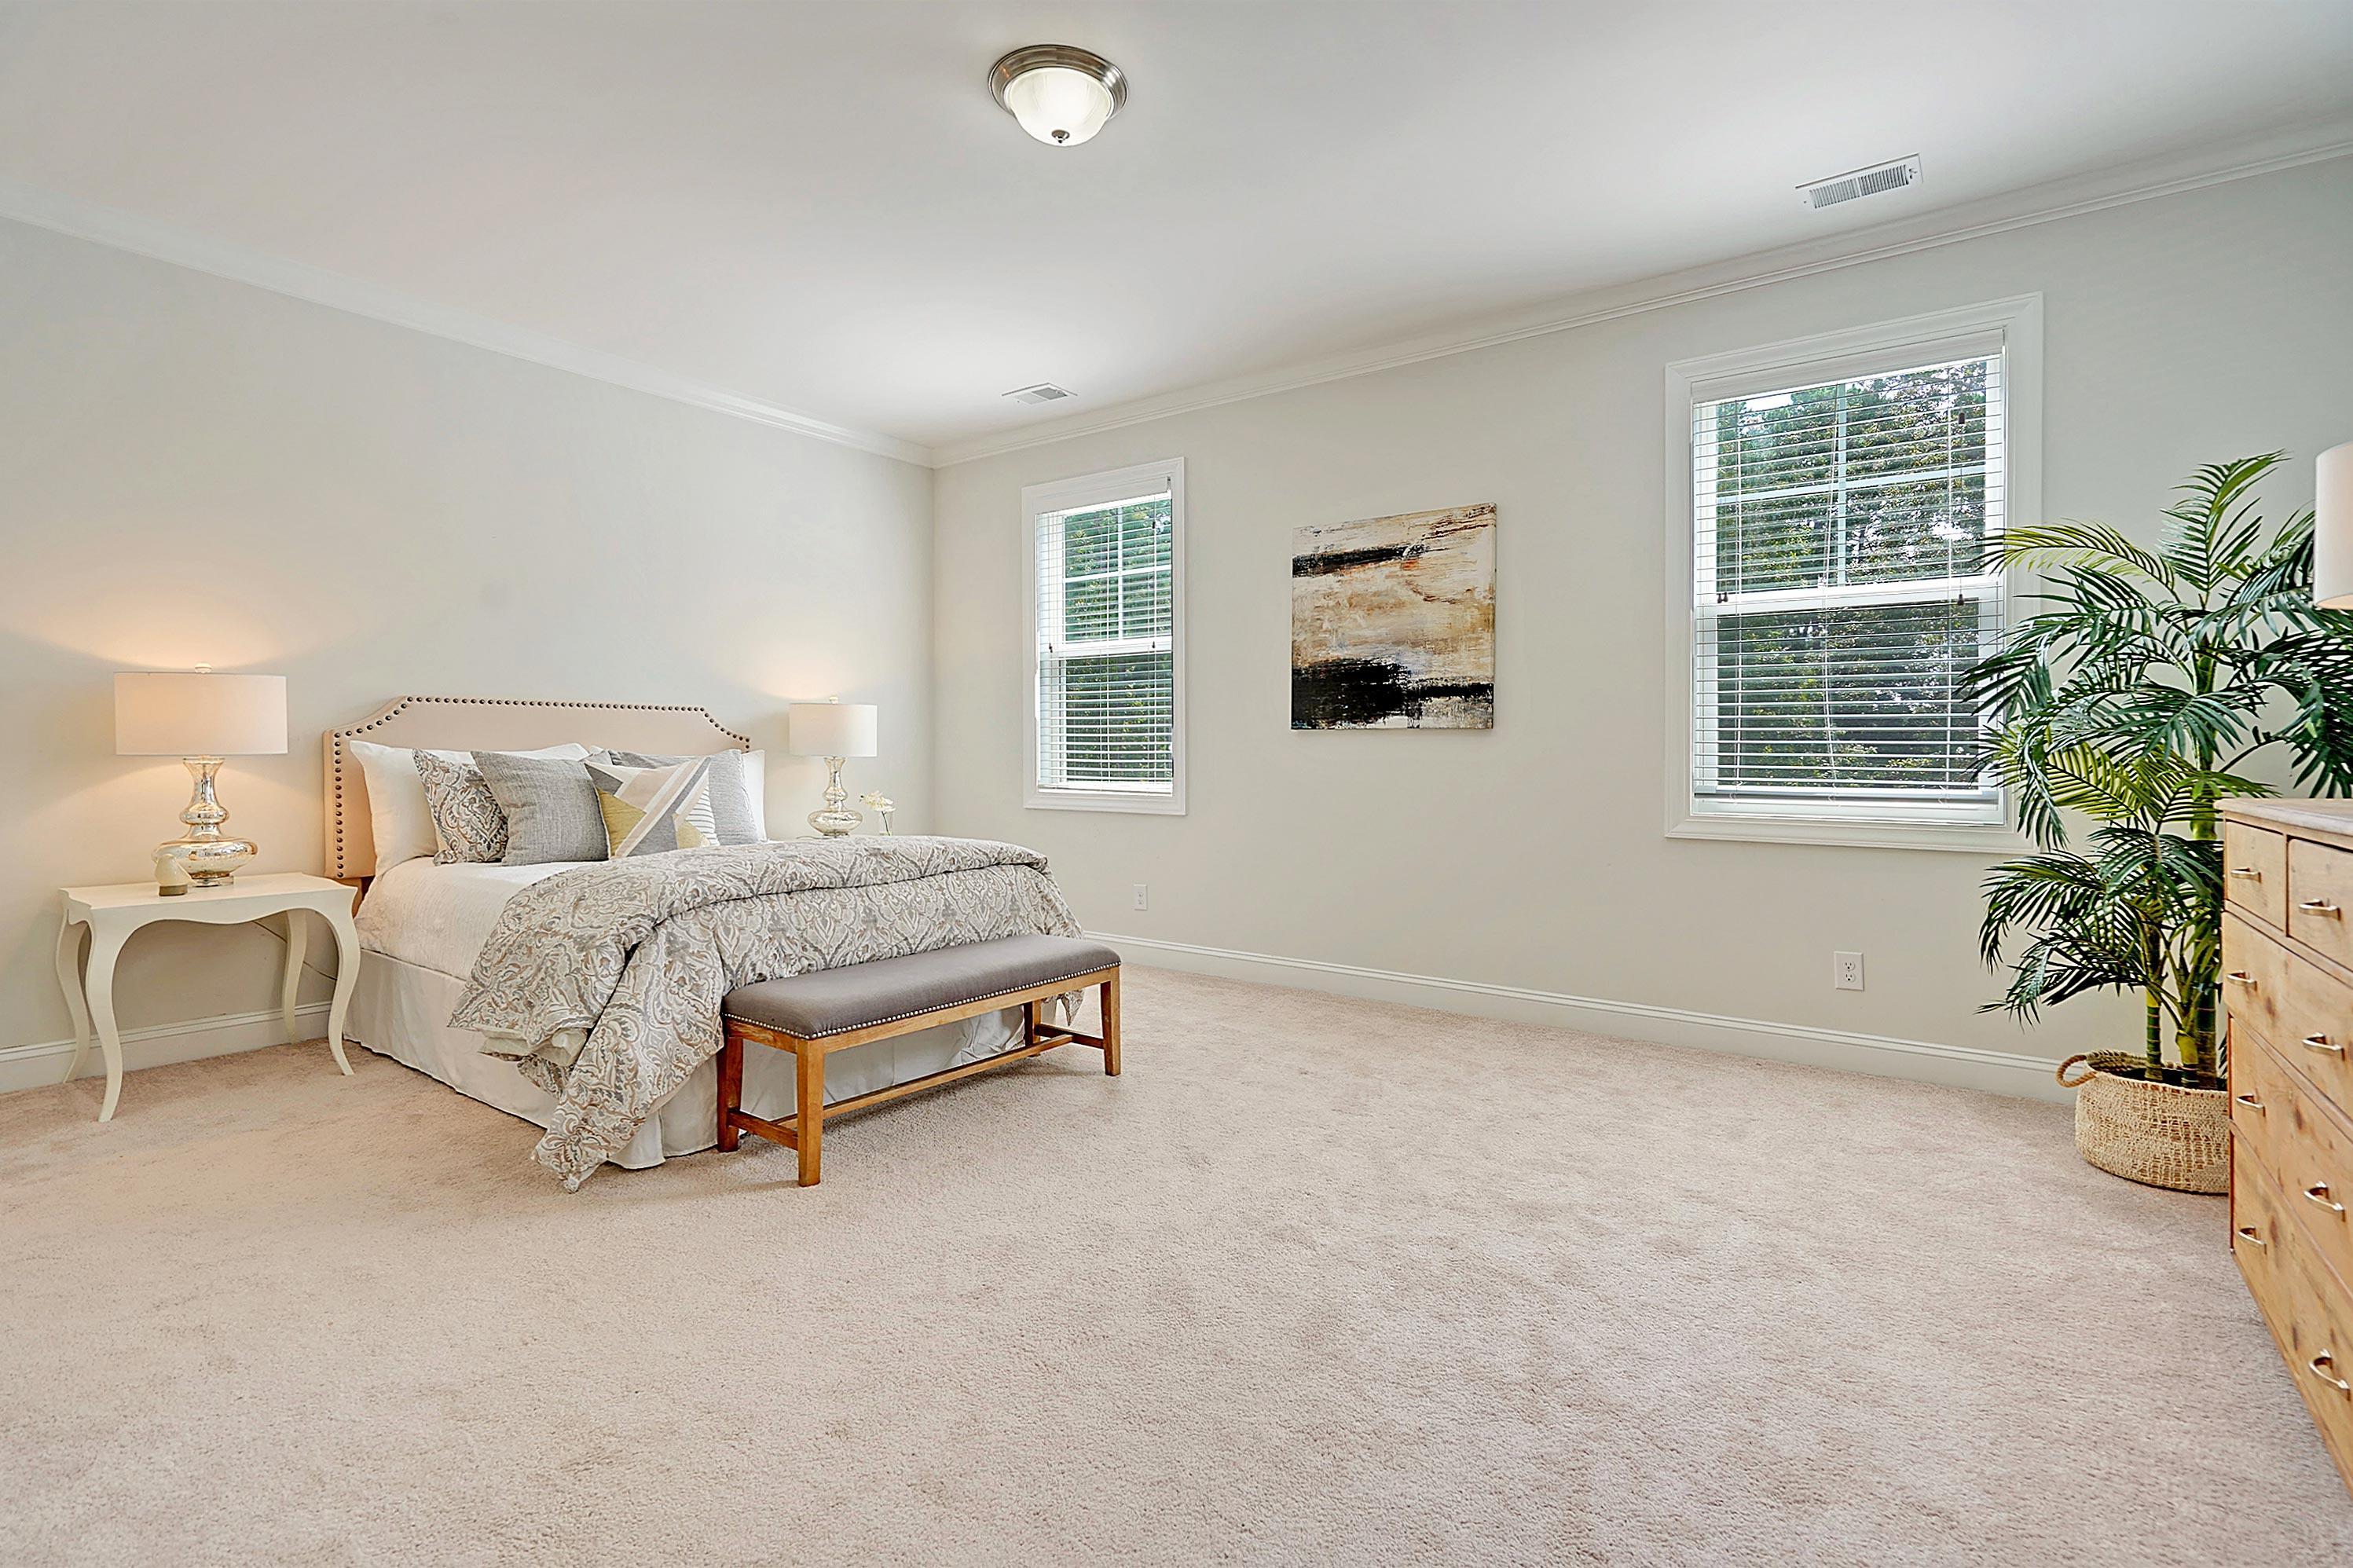 Park West Homes For Sale - 1638 Mermentau, Mount Pleasant, SC - 17